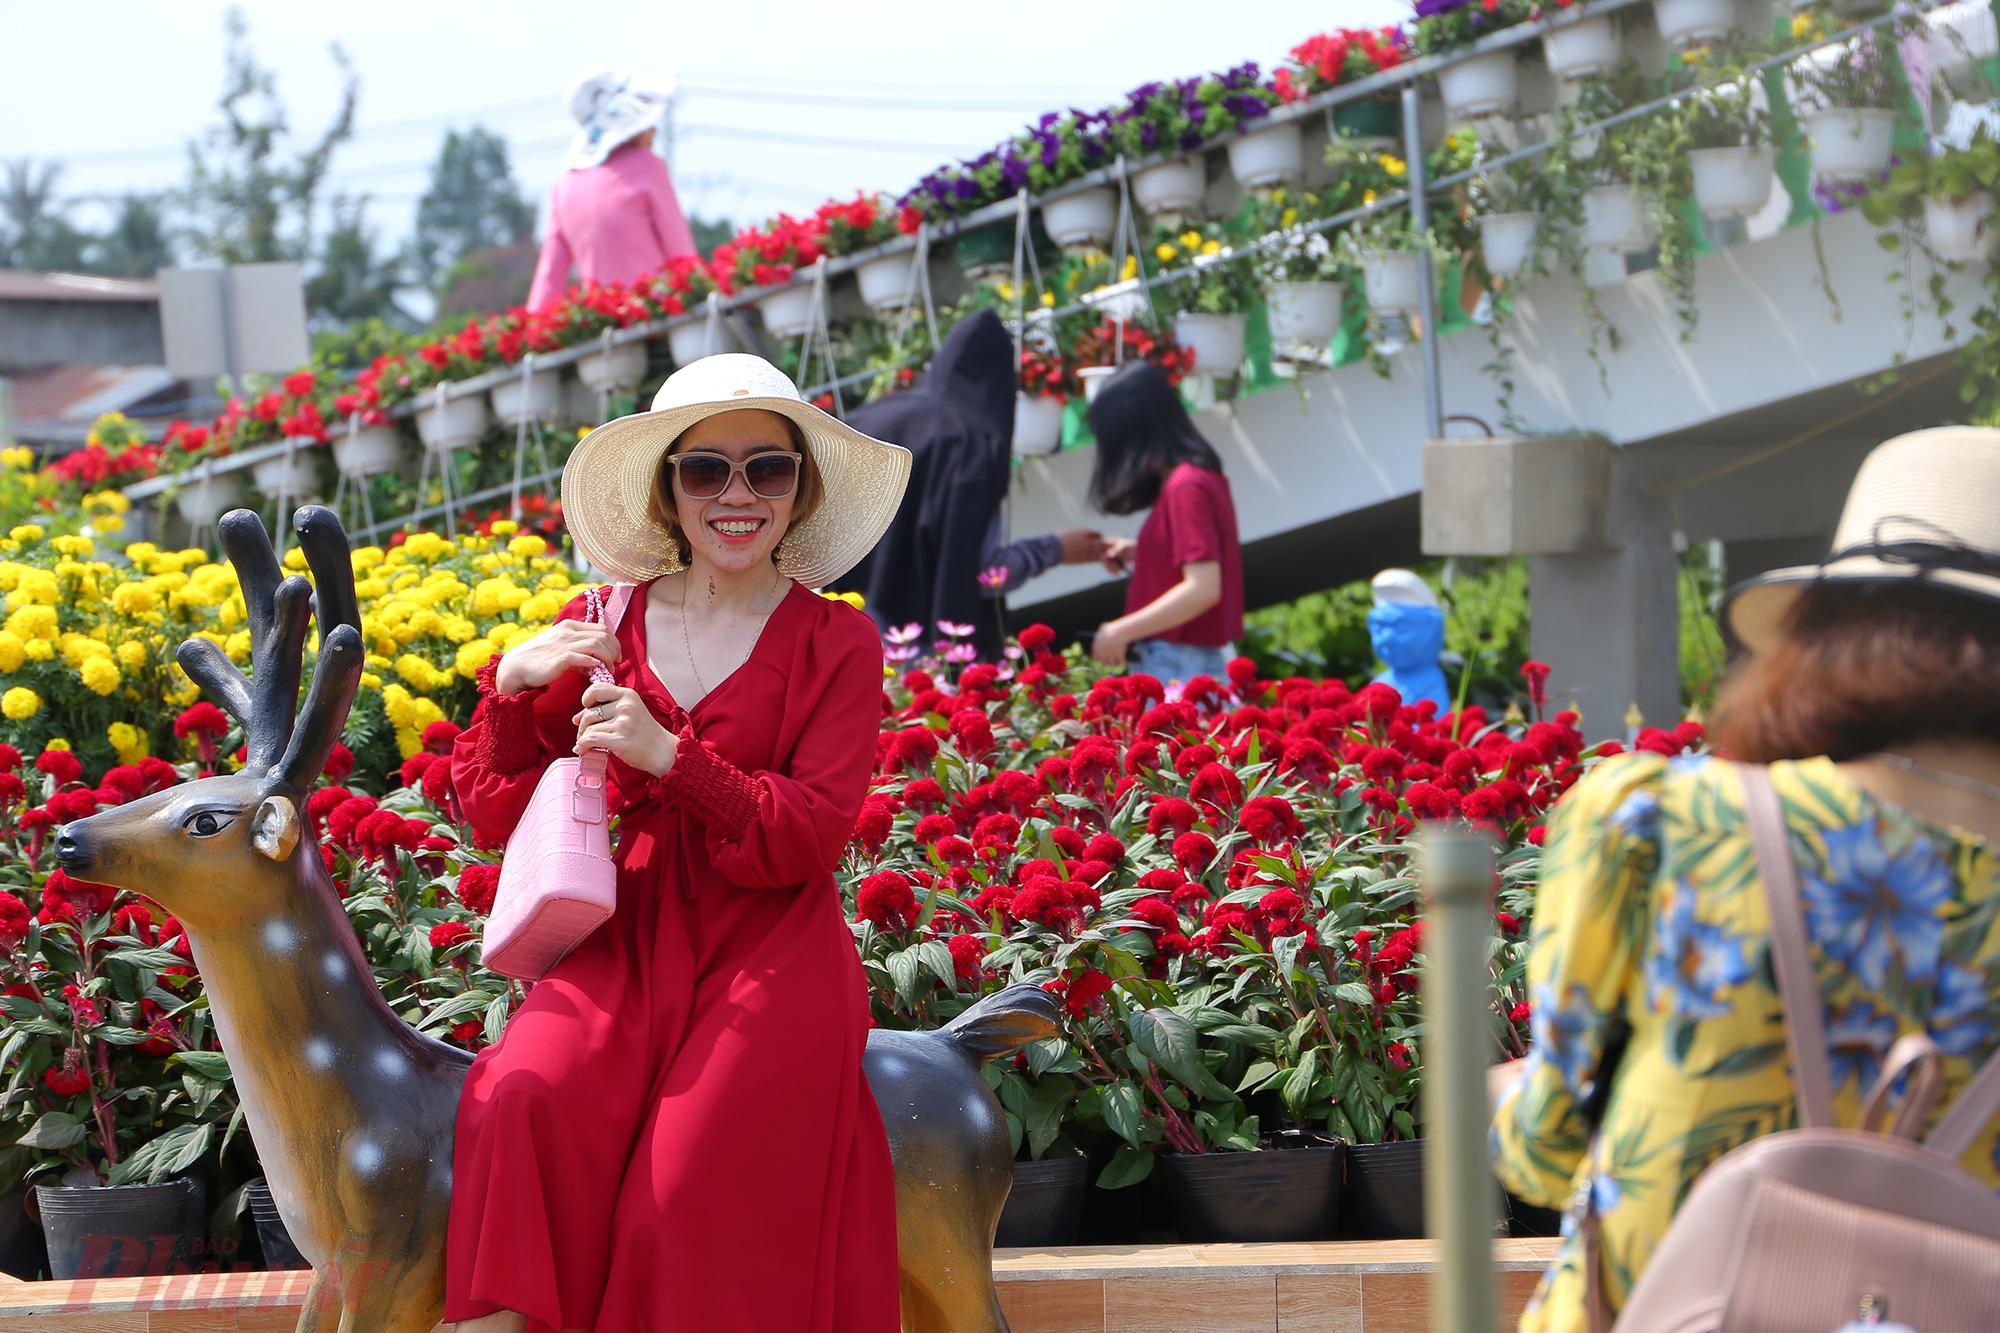 Sắc hoa rực rỡ giúp du khách có được những khung ảnh lung linh, đẹp mắt. Hàng nghìn người từ TP.HCM, các tỉnh miền Tây đổ về làng hoa để được tận hưởng cảnh sắc, không khí của những ngày Tết đang gần kề.